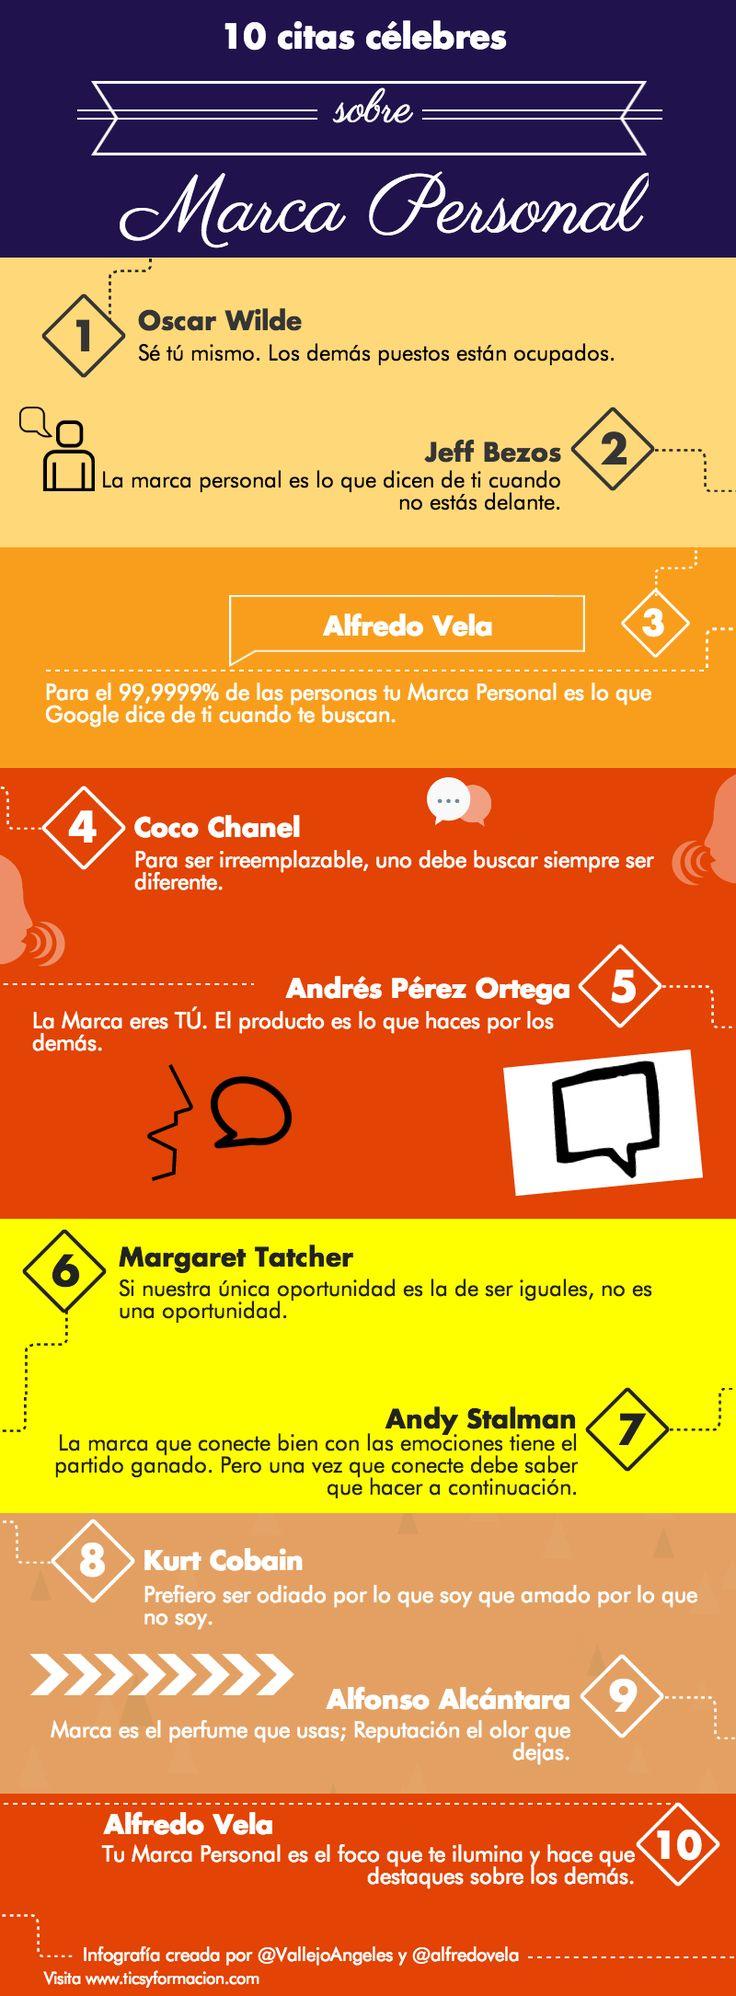 Hola: Una infografía con 10 citas célebres sobre Marca Personal. Infografía creada con Piktochart. Un saludo